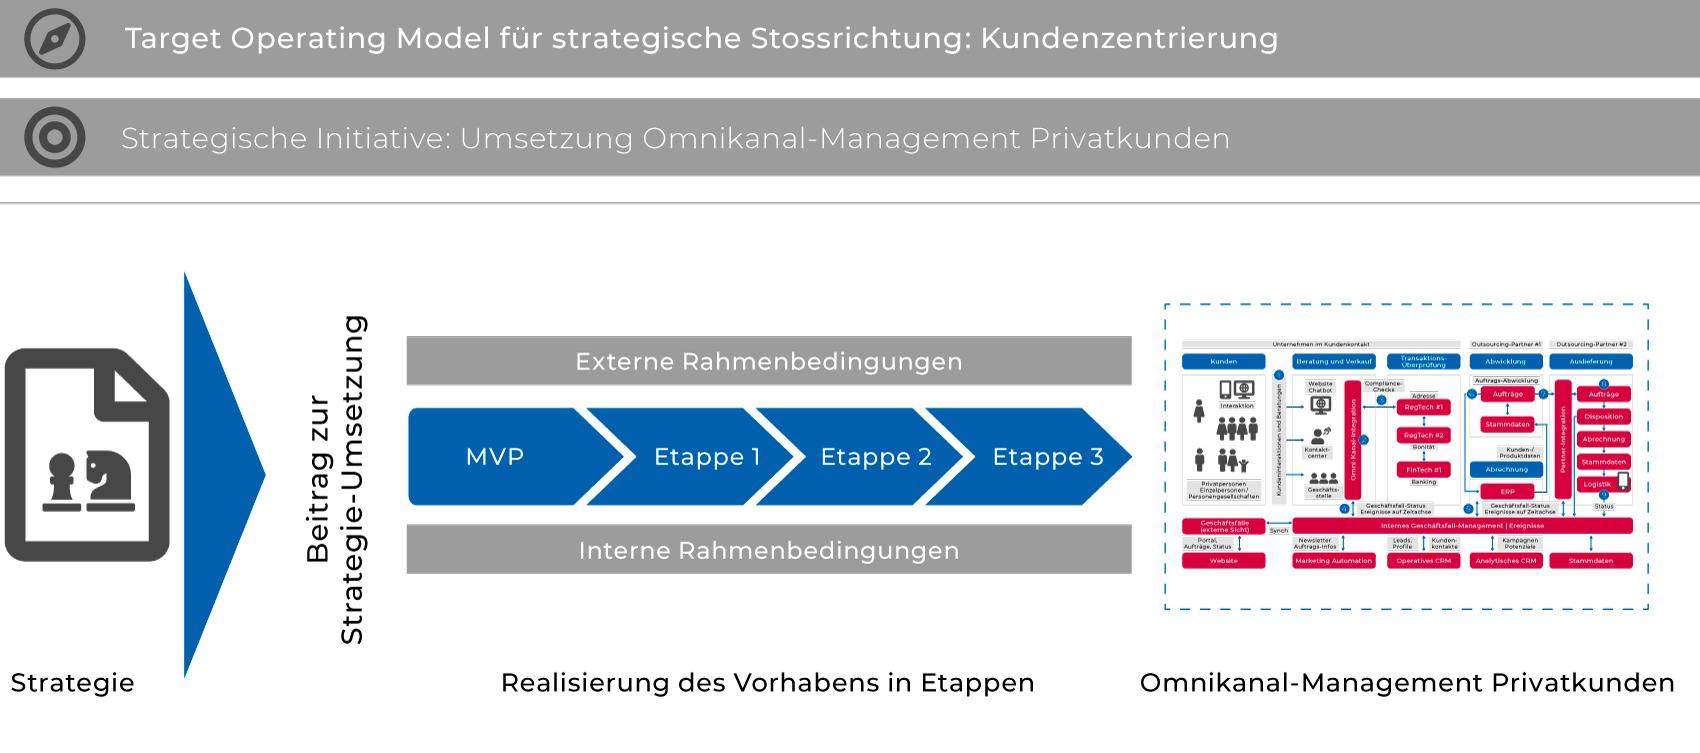 Ein Target Operating Model unterstützt die Planung und Realisierung von Vorhaben in Etappen